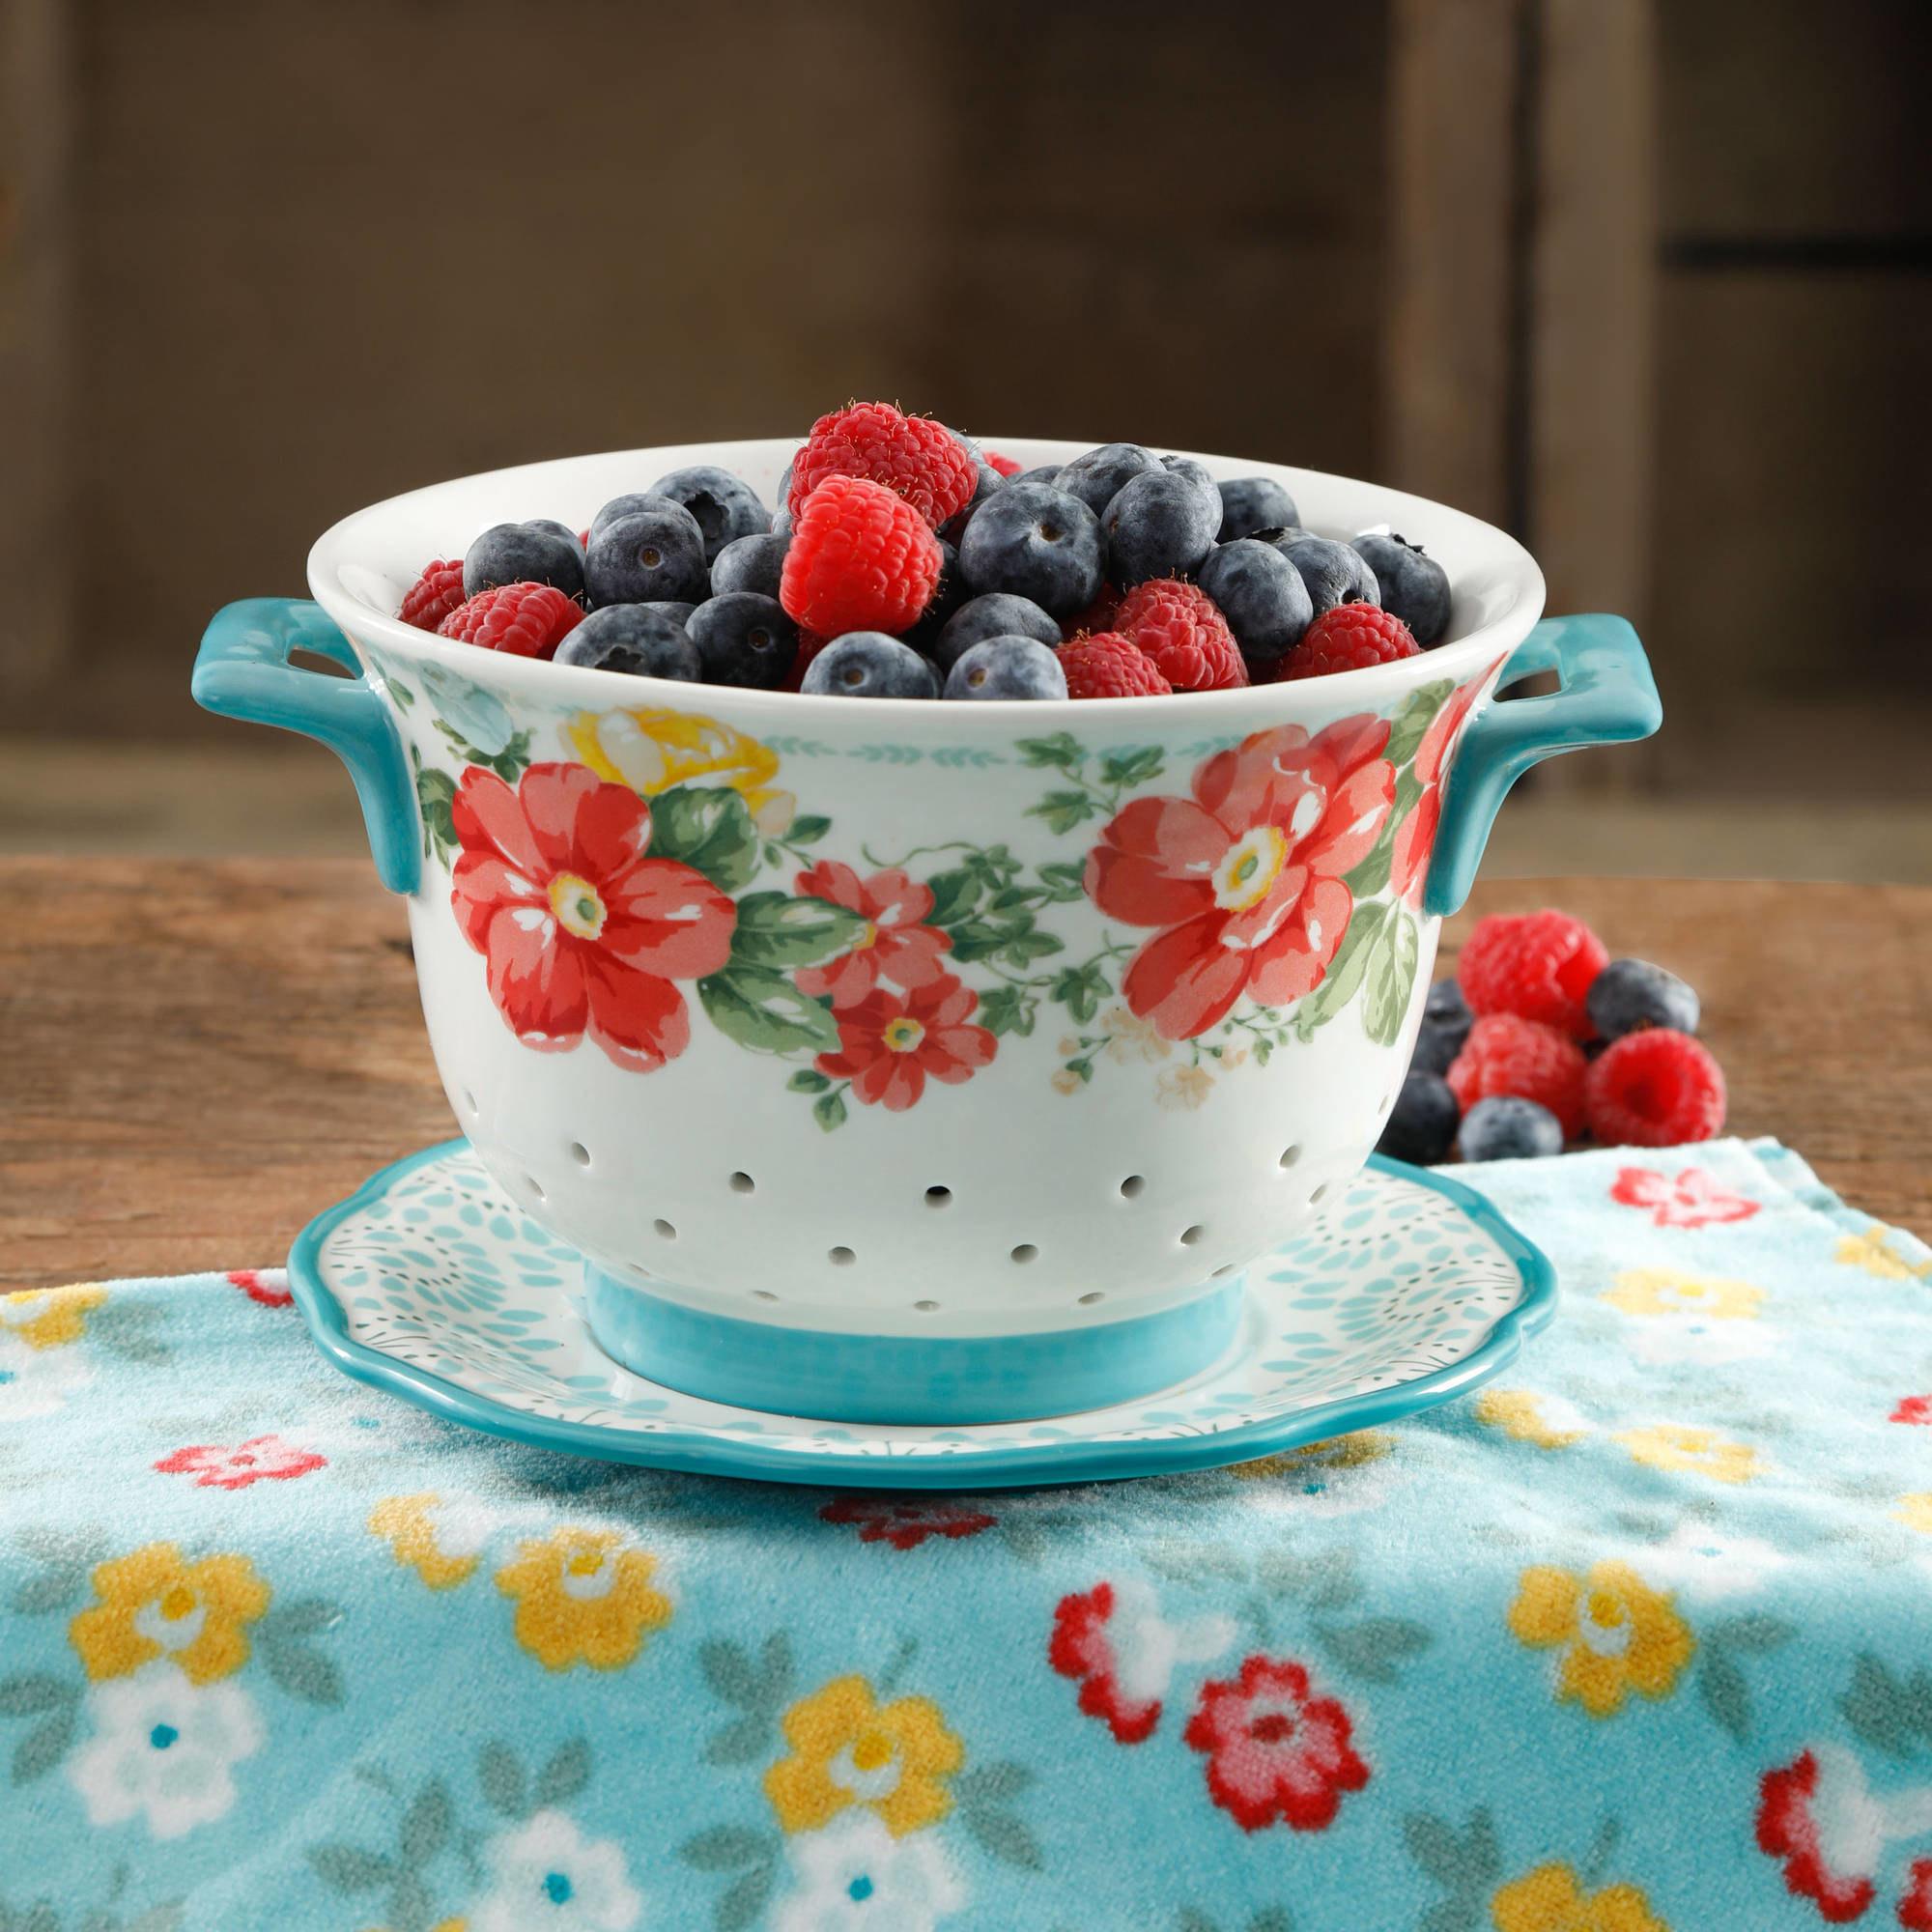 Floral serving colander with fruit inside